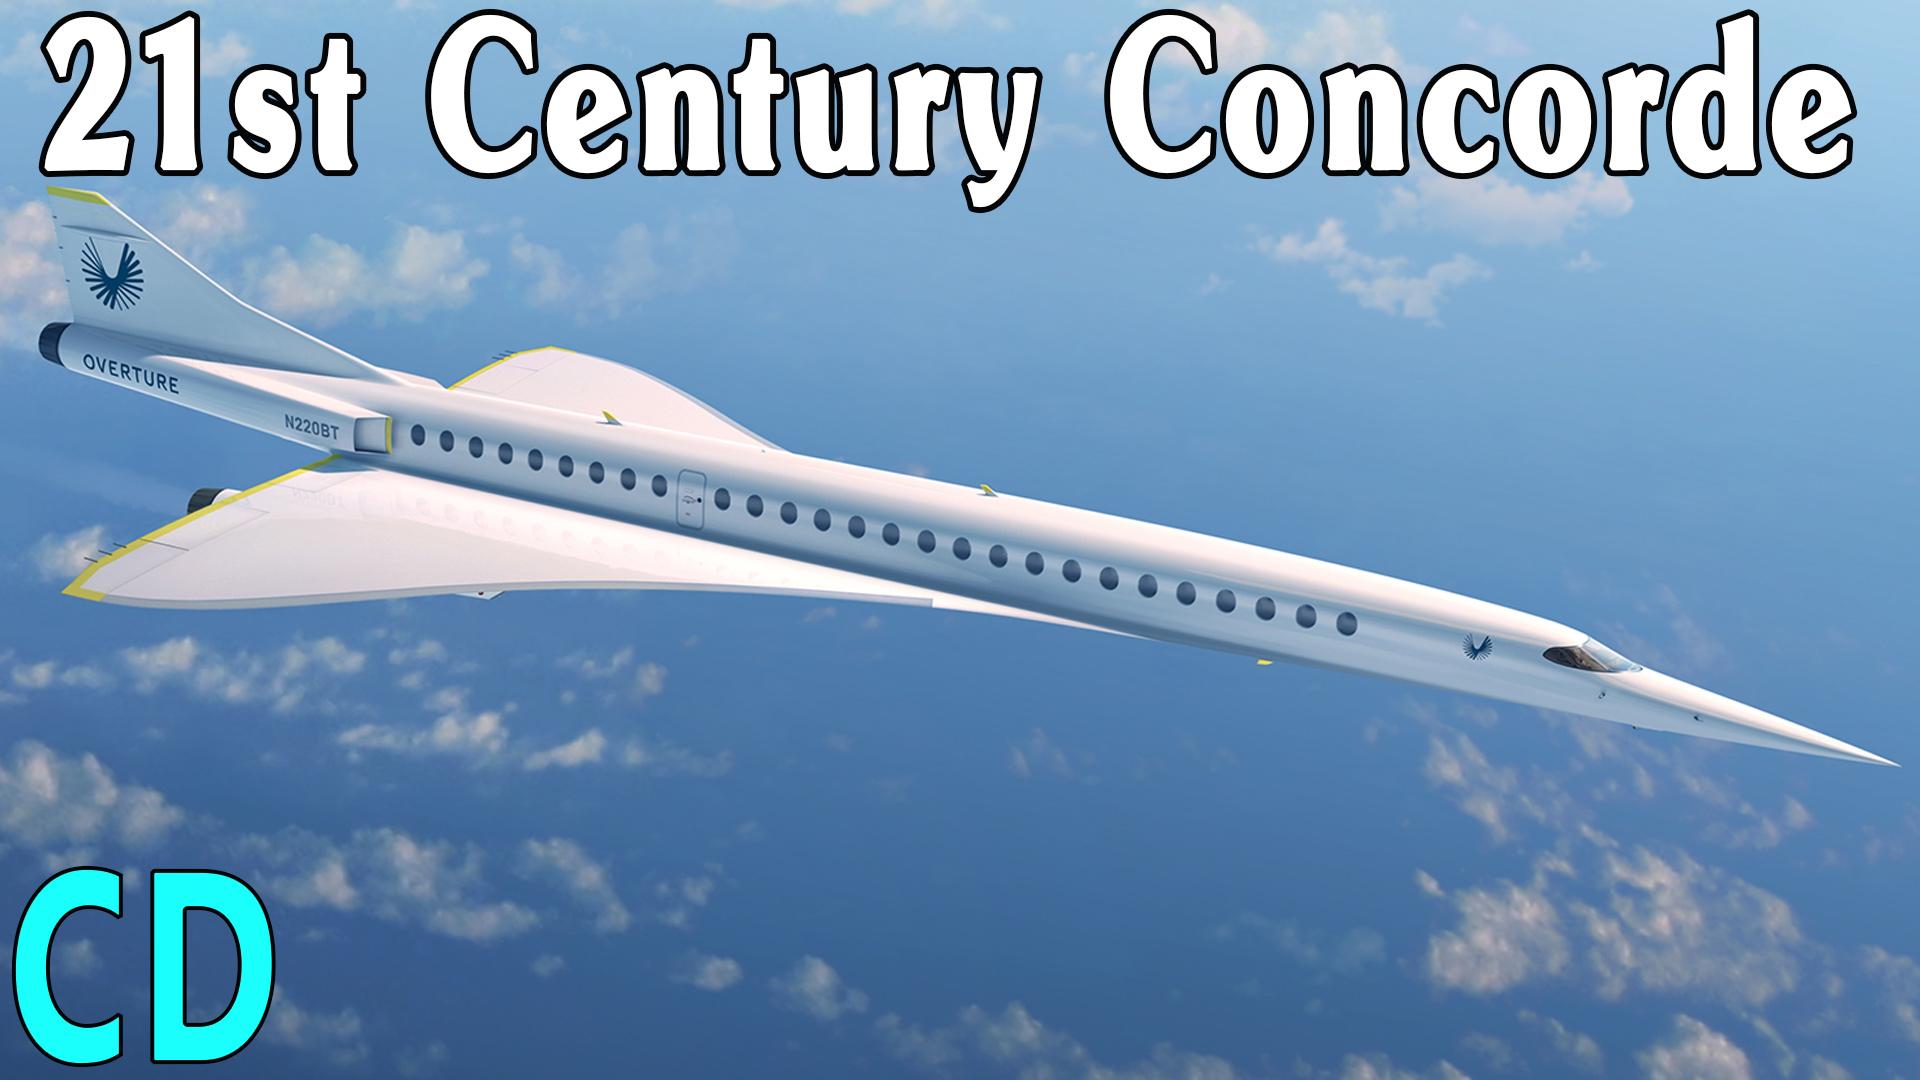 Concorde reborn